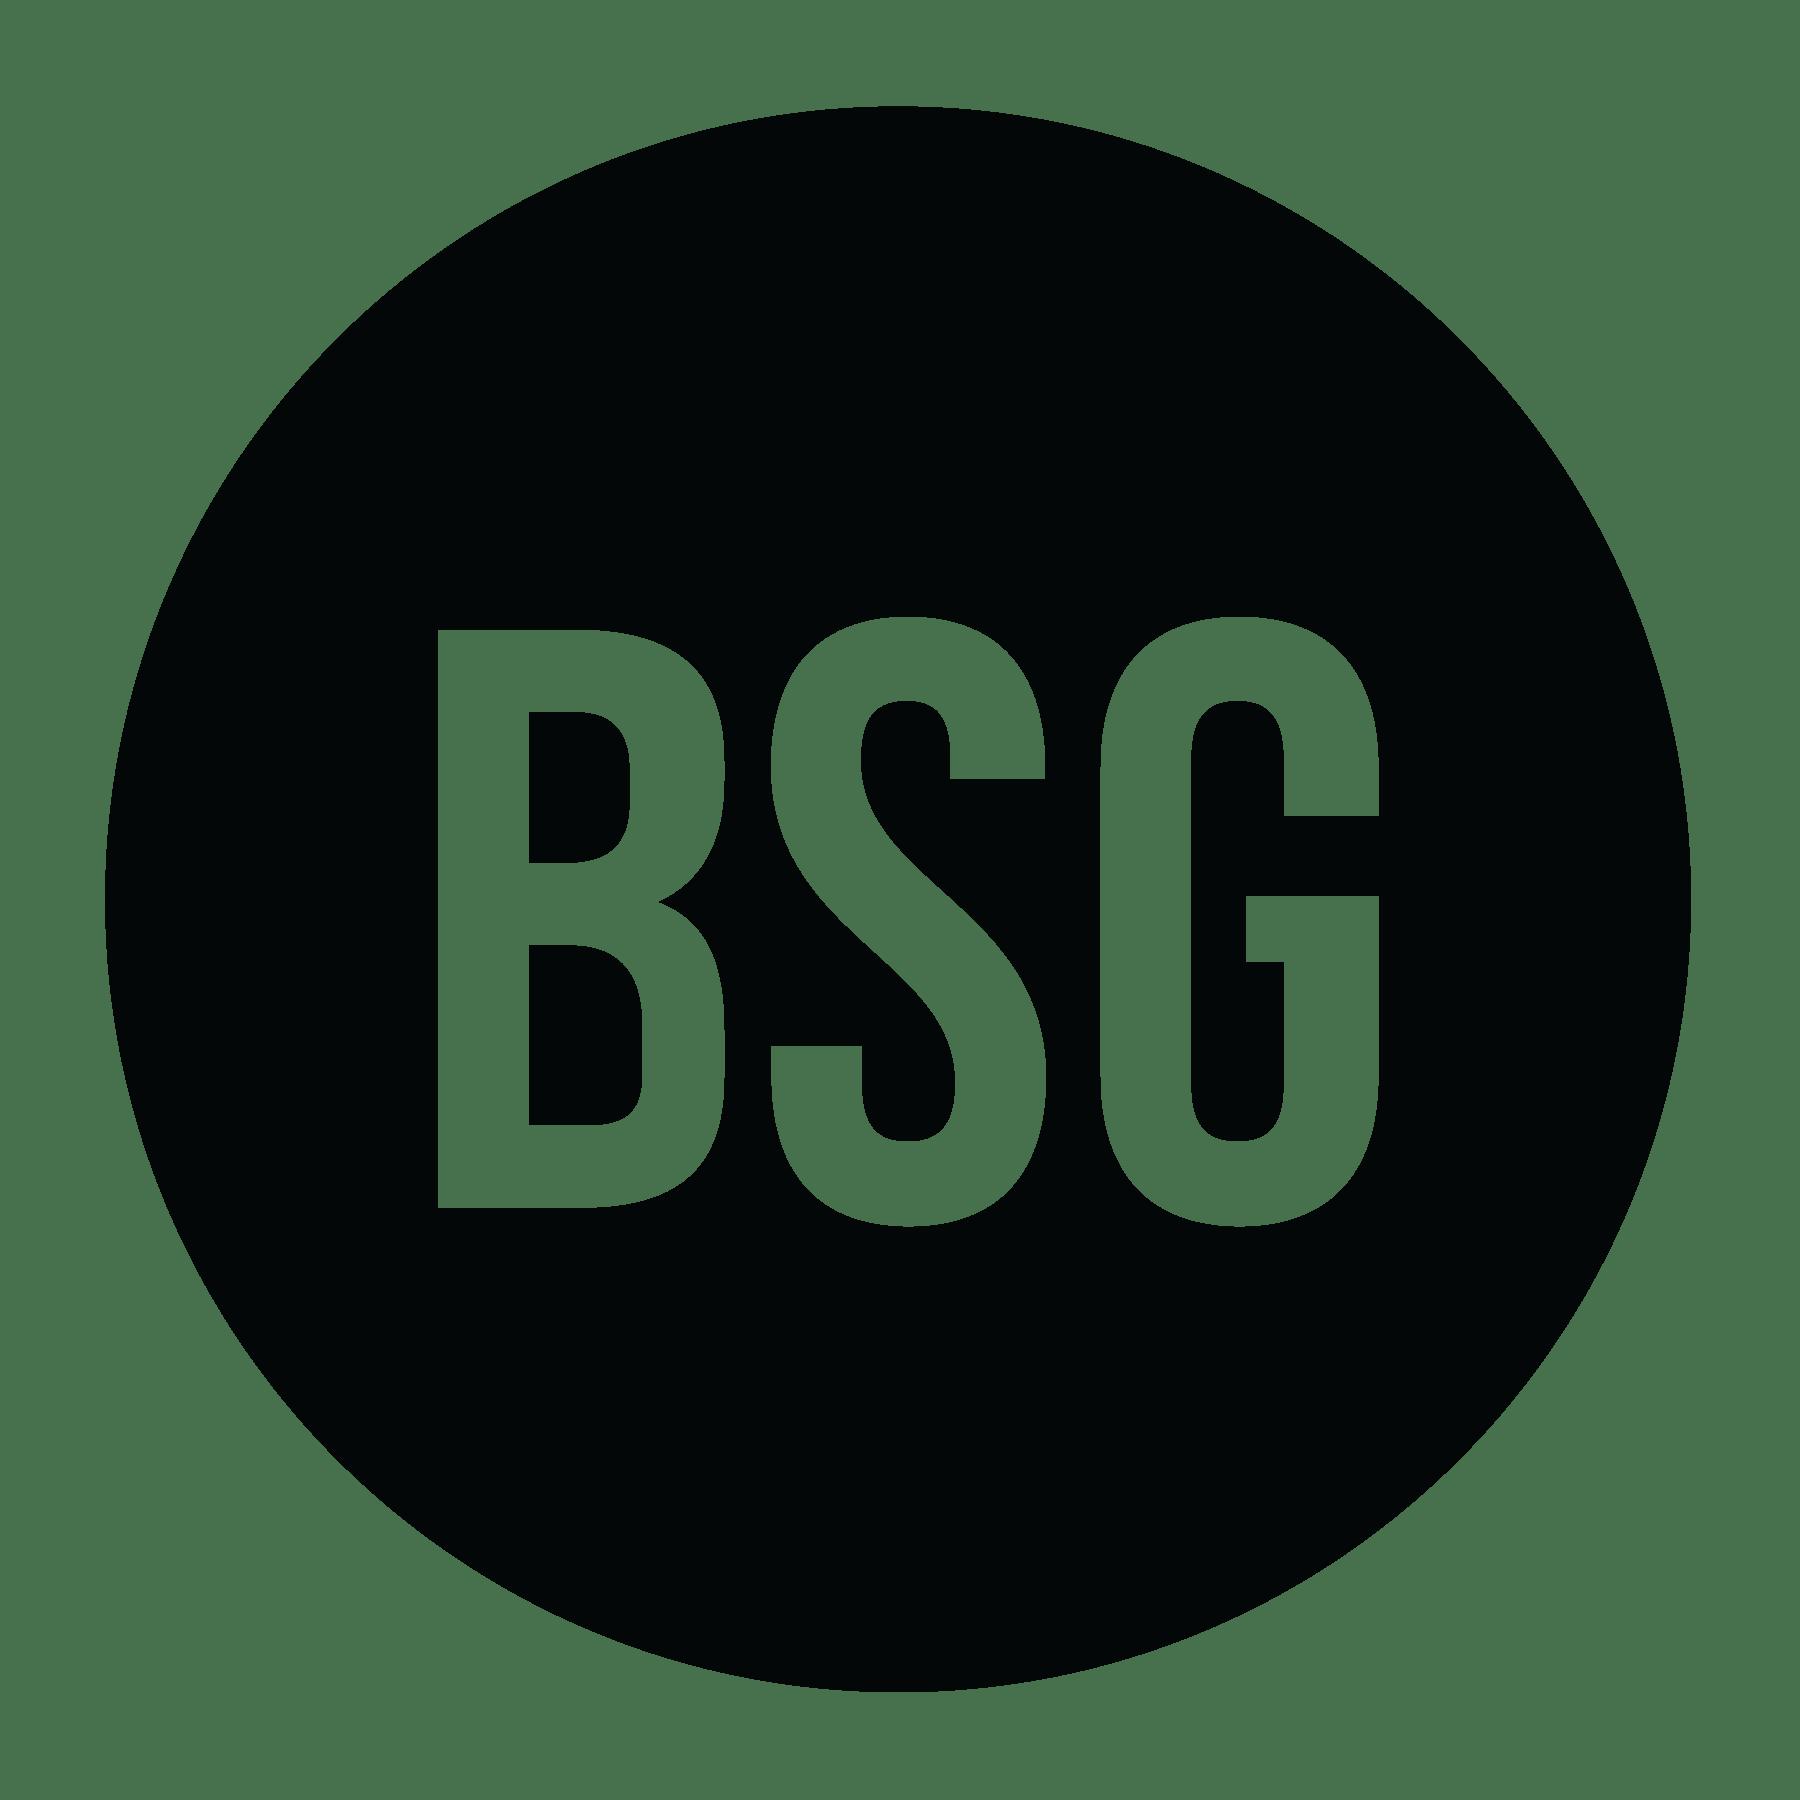 BSG Circle Logo Black